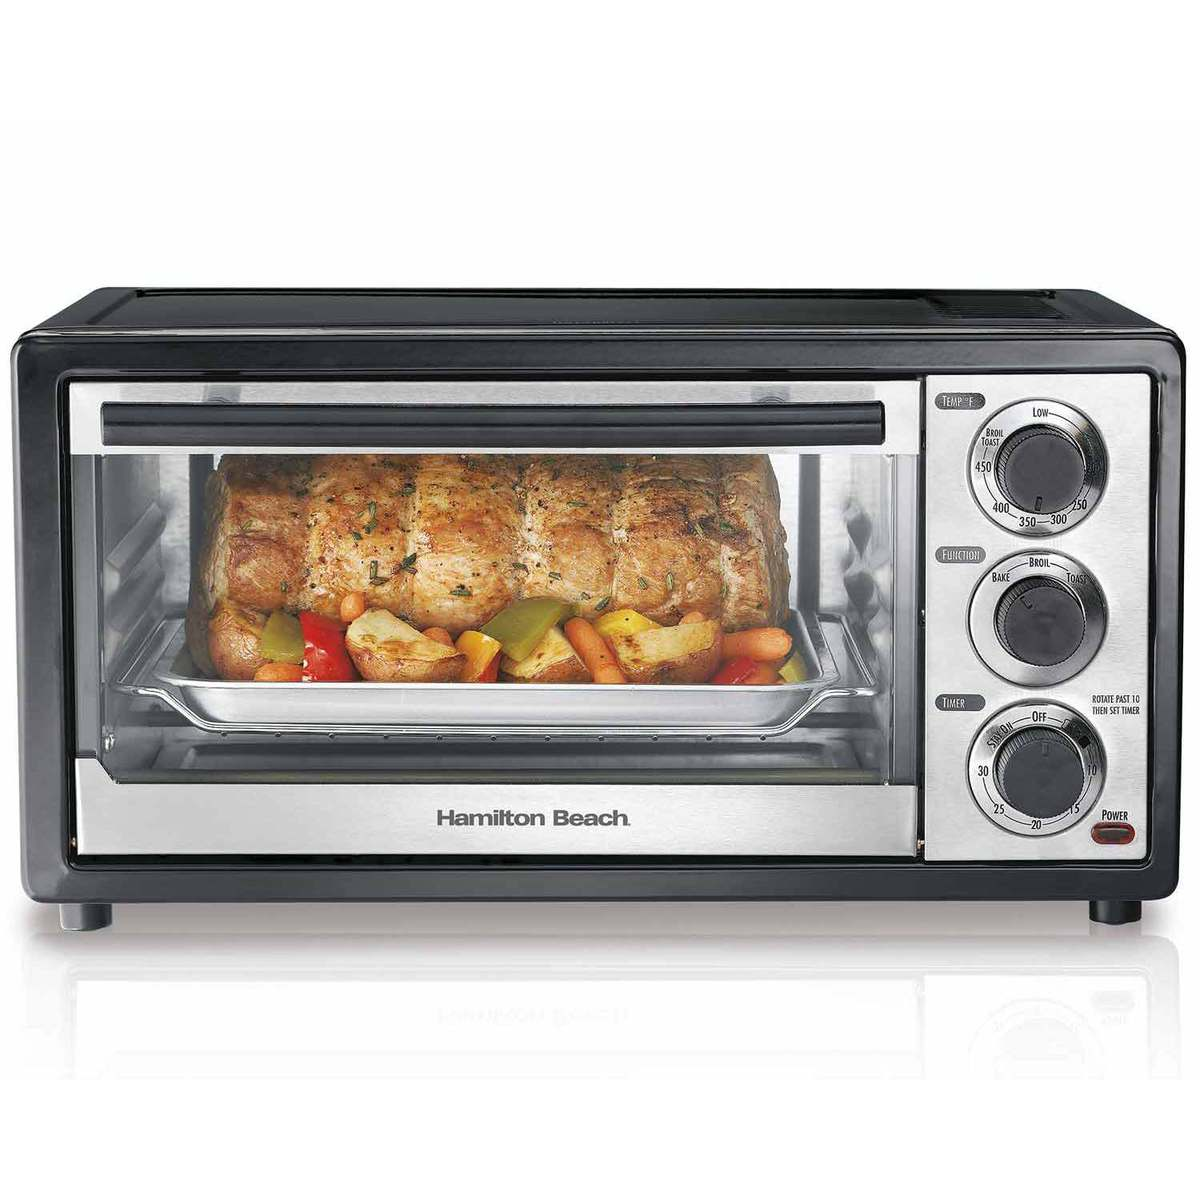 Hamilton Beach 6 Slice Capacity Toaster Oven 31508